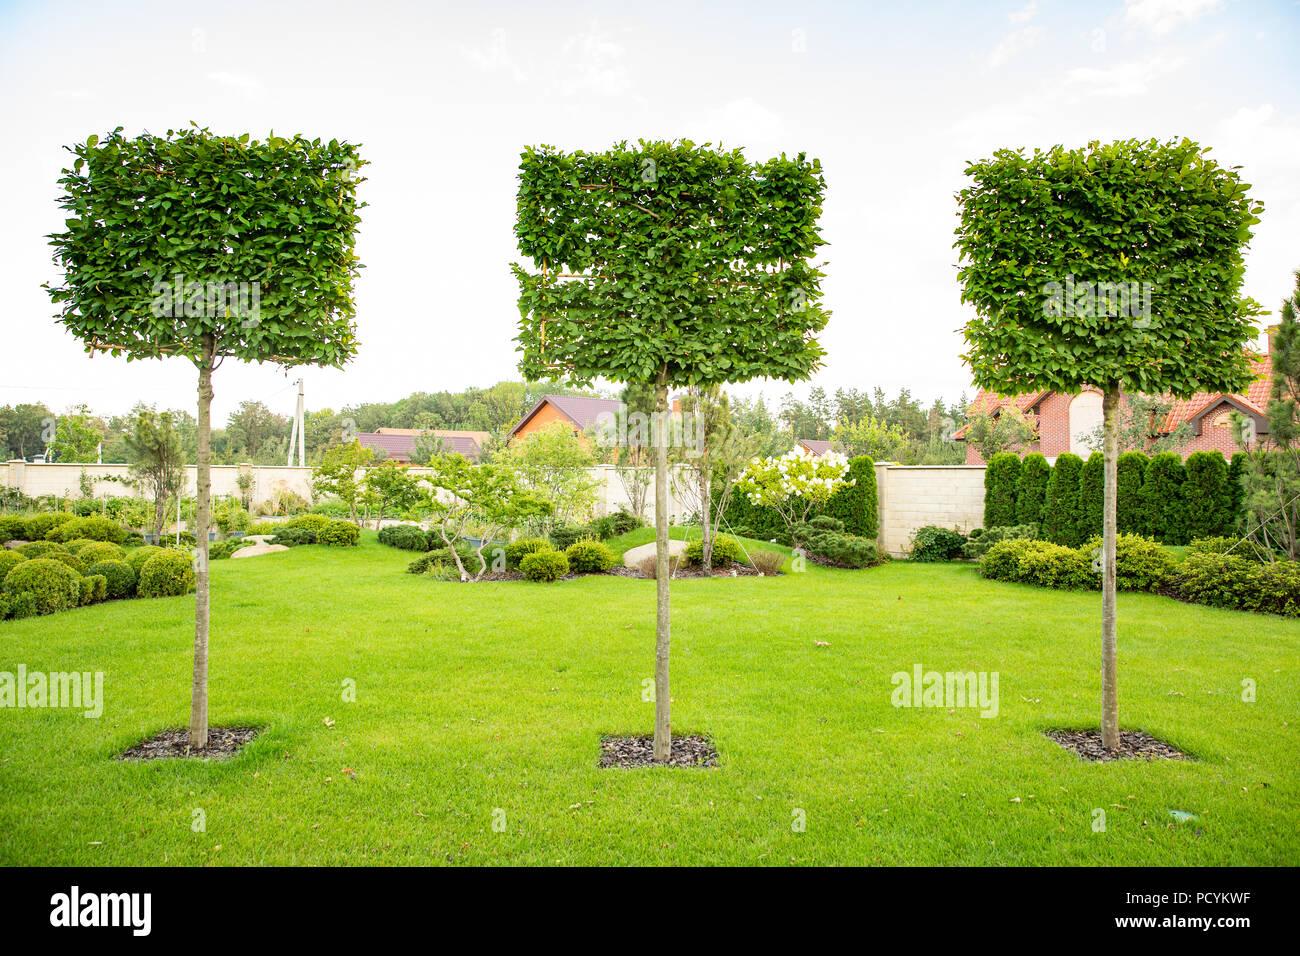 Garten Gestalten Bäume Design 42 Für Schöne Bäume Für Den Garten